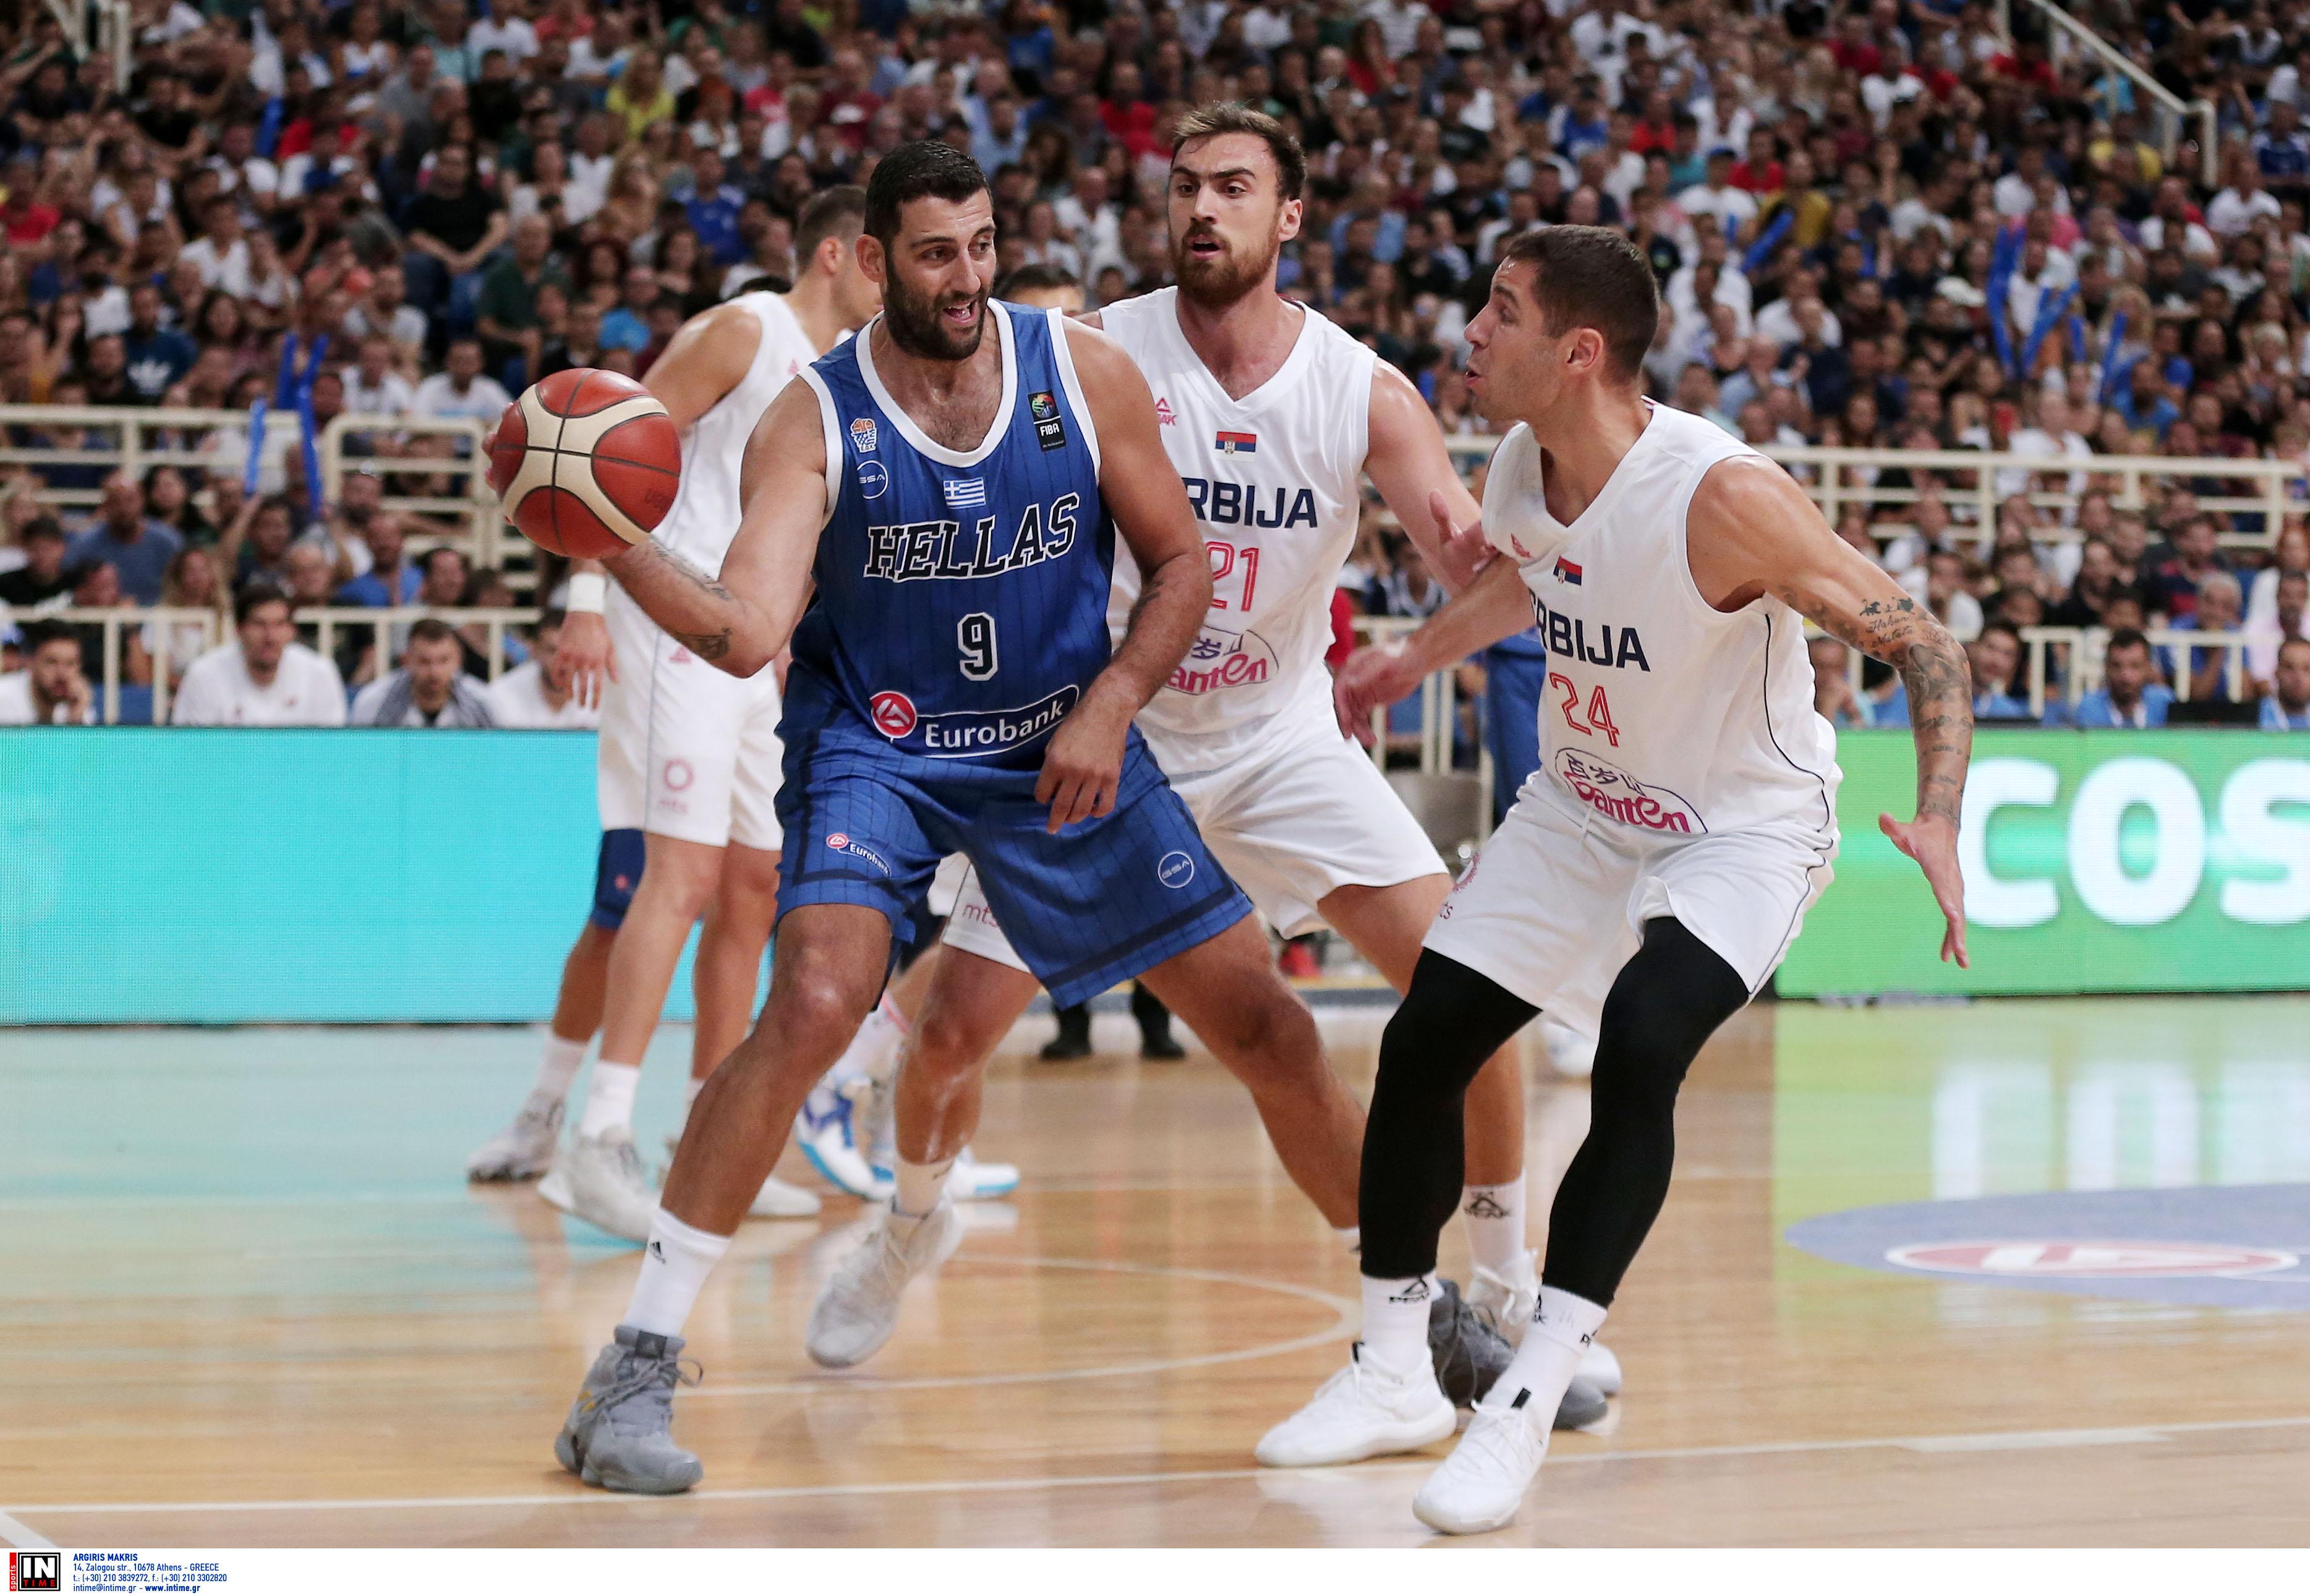 Ελλάδα – Σερβία 80-85 ΤΕΛΙΚΟ: Οι Σέρβοι κατέκτησαν το τουρνουά Ακρόπολις